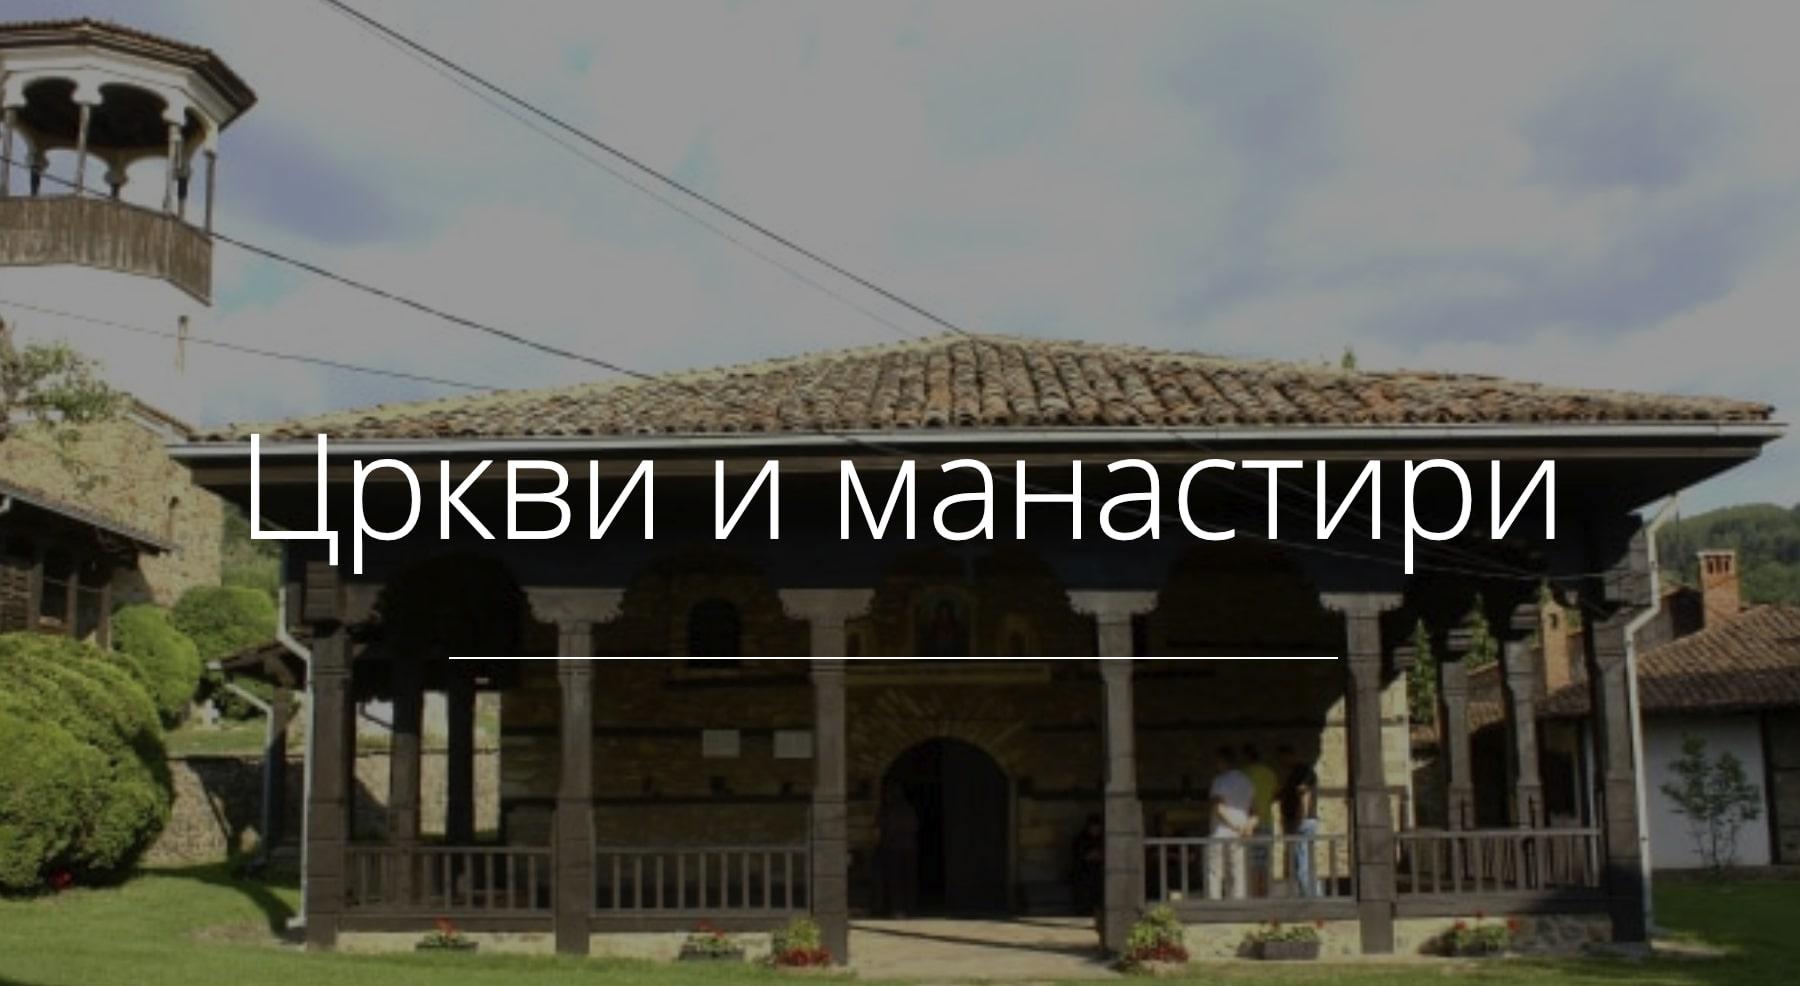 crkvi i manastiri vo Berovo